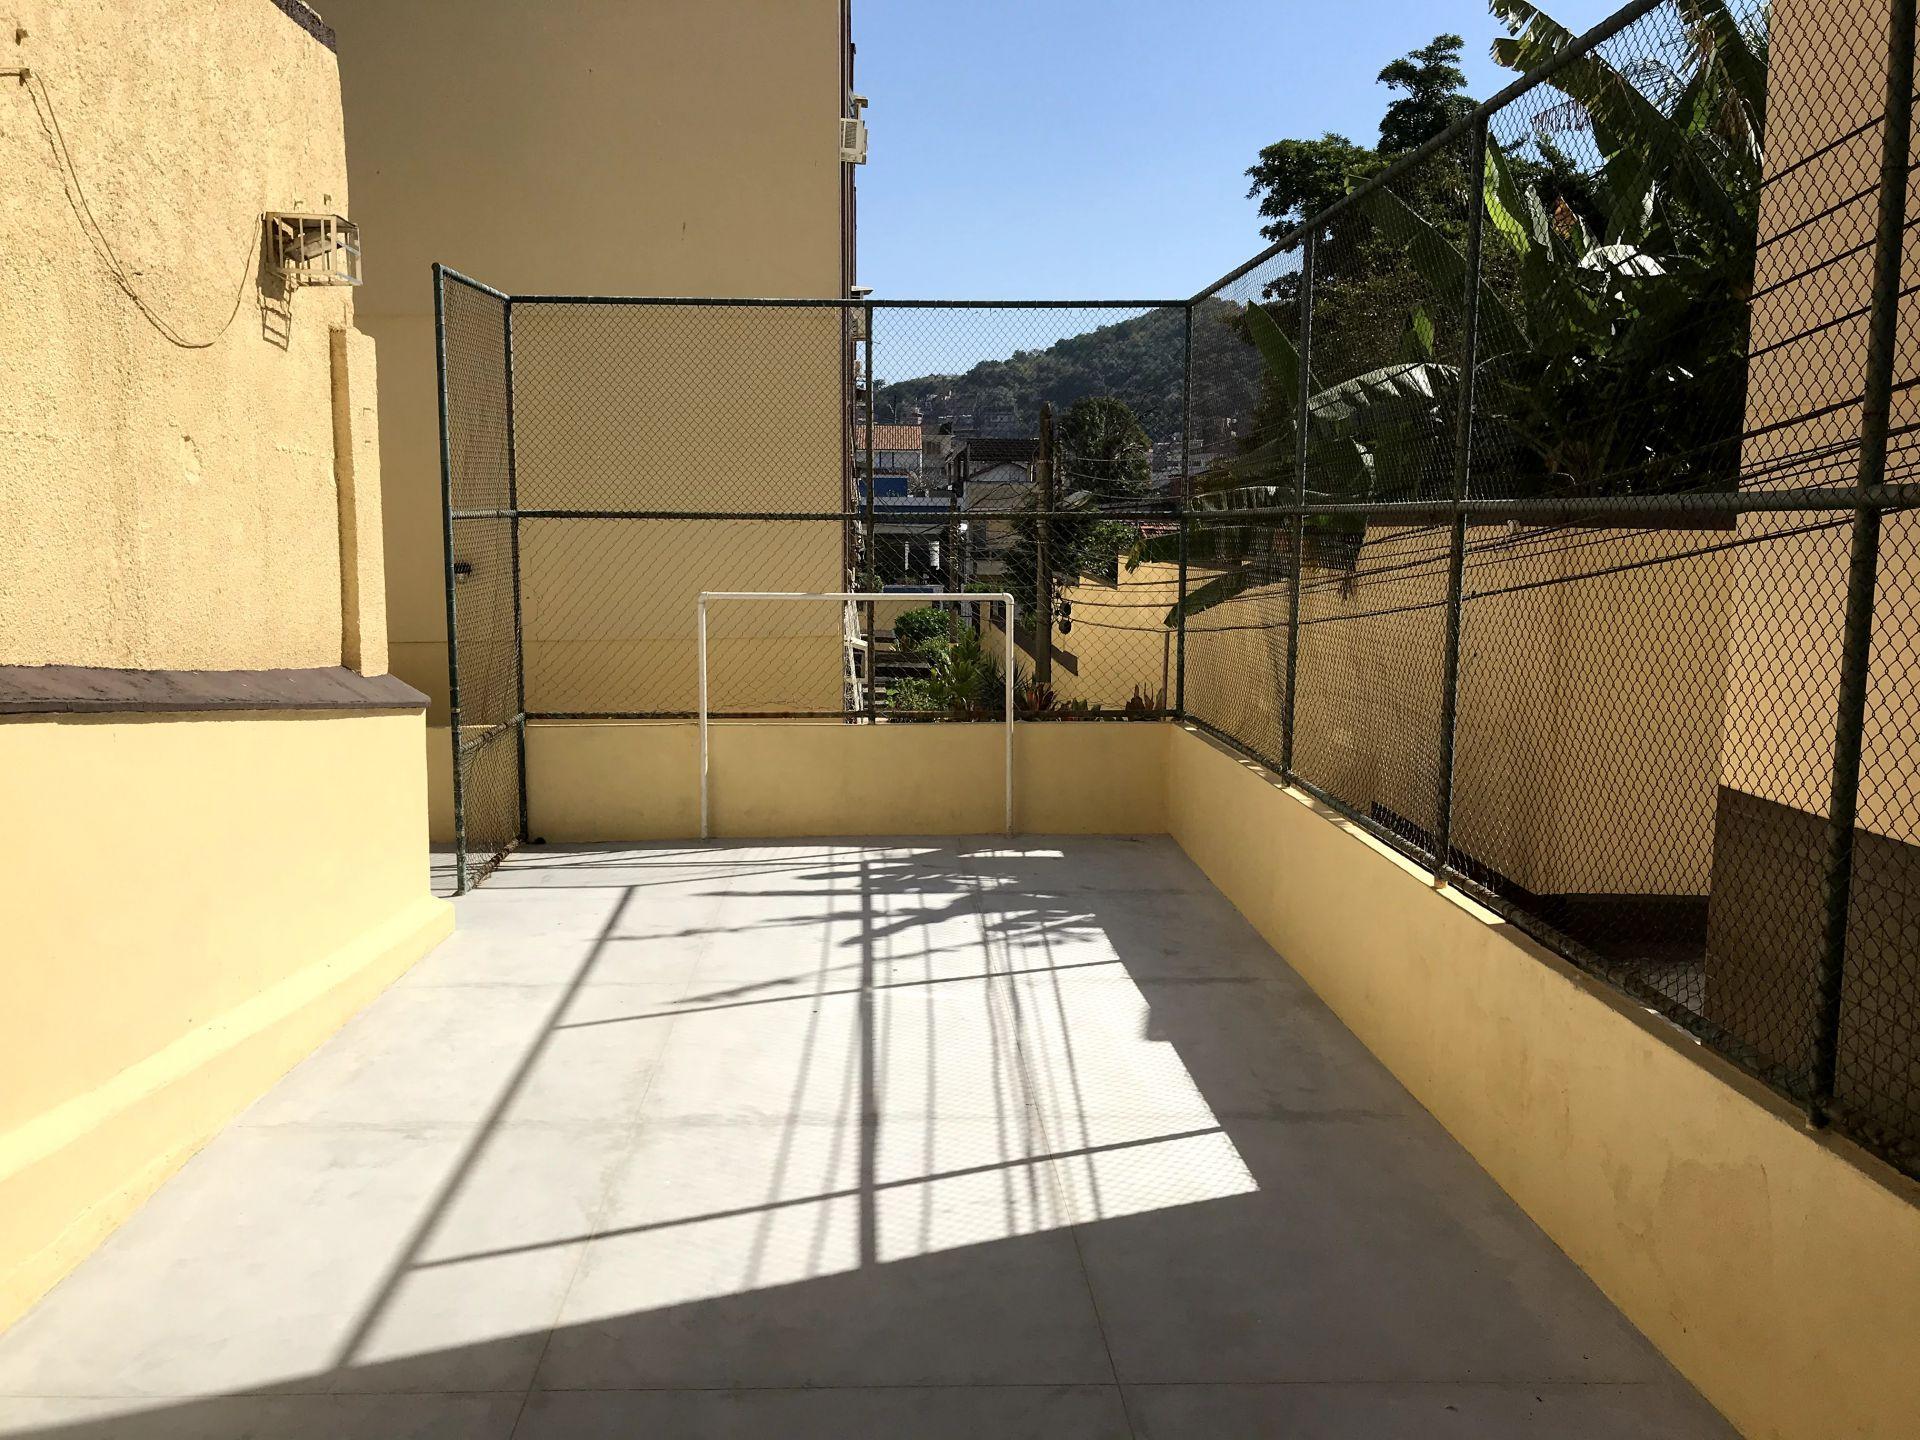 FOTO 15 - Apartamento à venda Rua Francisco,Praça Seca, Rio de Janeiro - R$ 180.000 - RF170 - 16